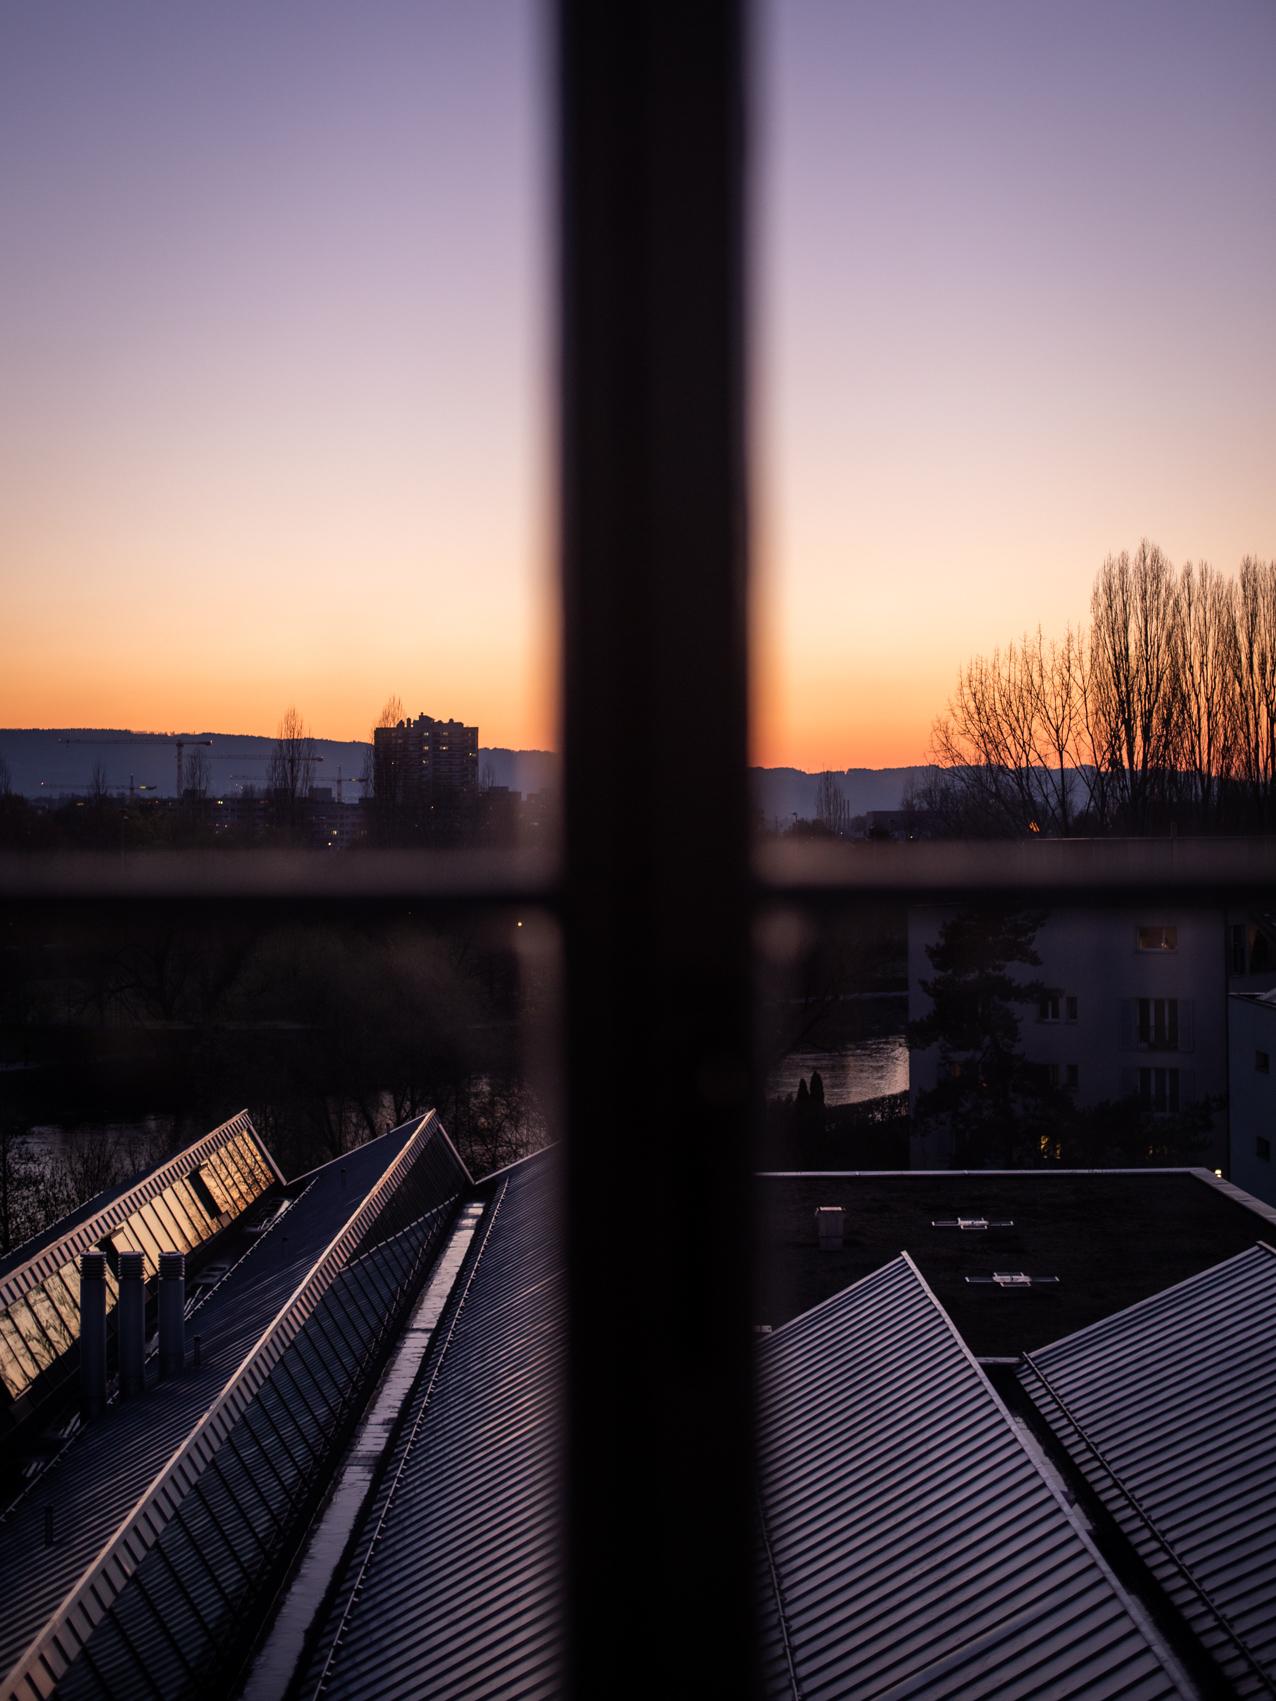 04_01_04_2020_shutdown, Zürich. aus meinem ateliefenter